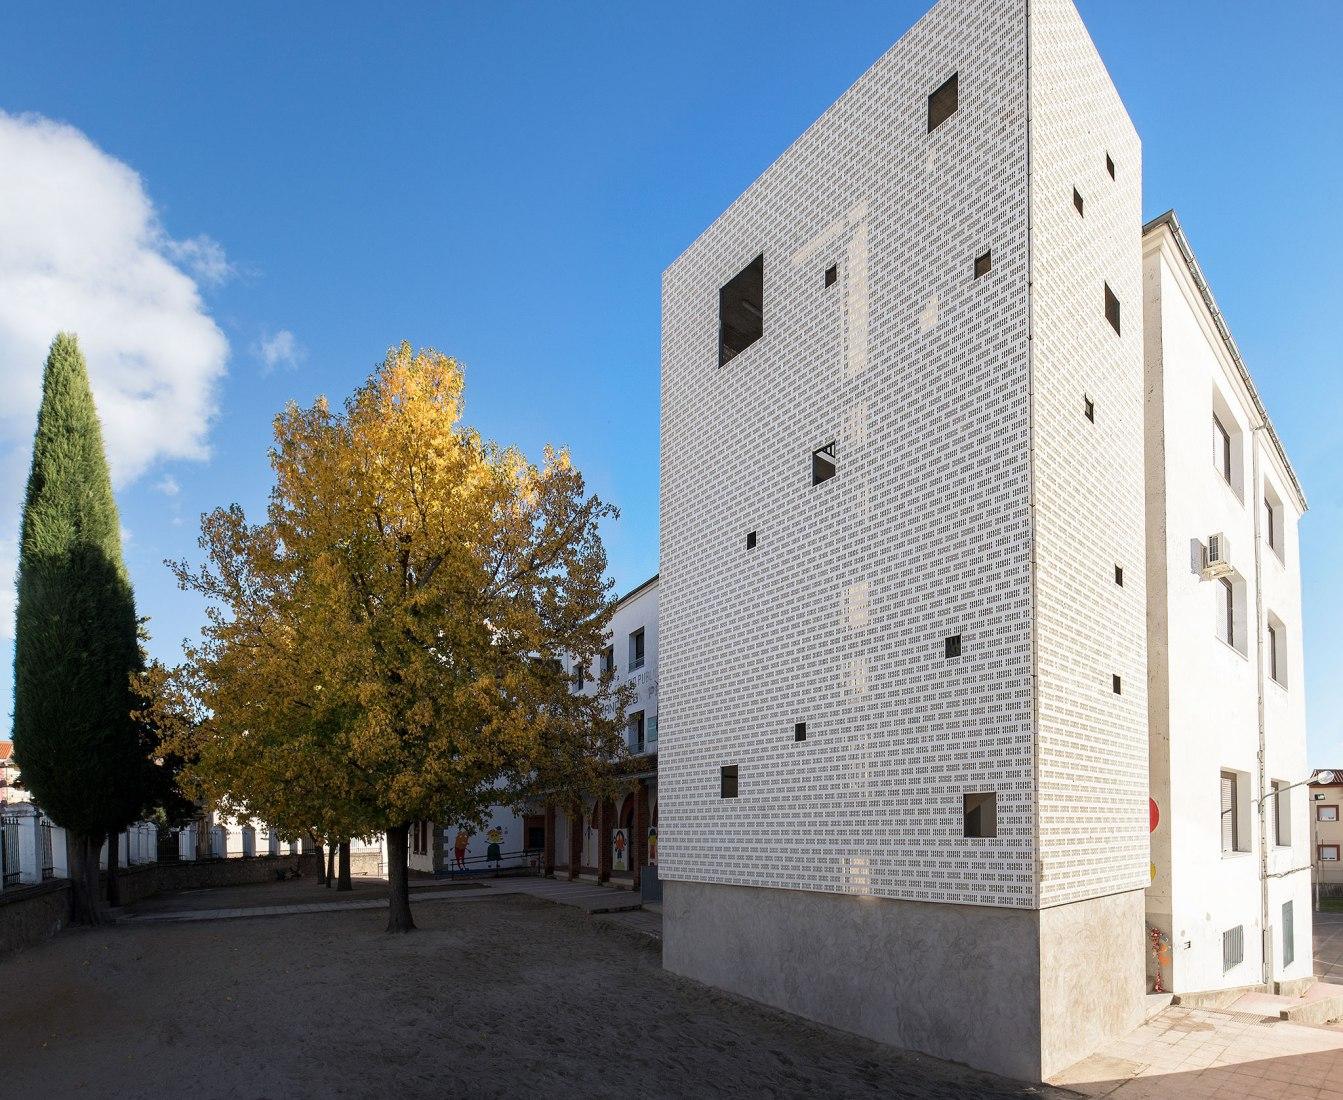 Escaleras de Emergencia para un Colegio por DUNAR arquitectos. Fotografía por RN Fotógrafos / Nicolás Yazigi